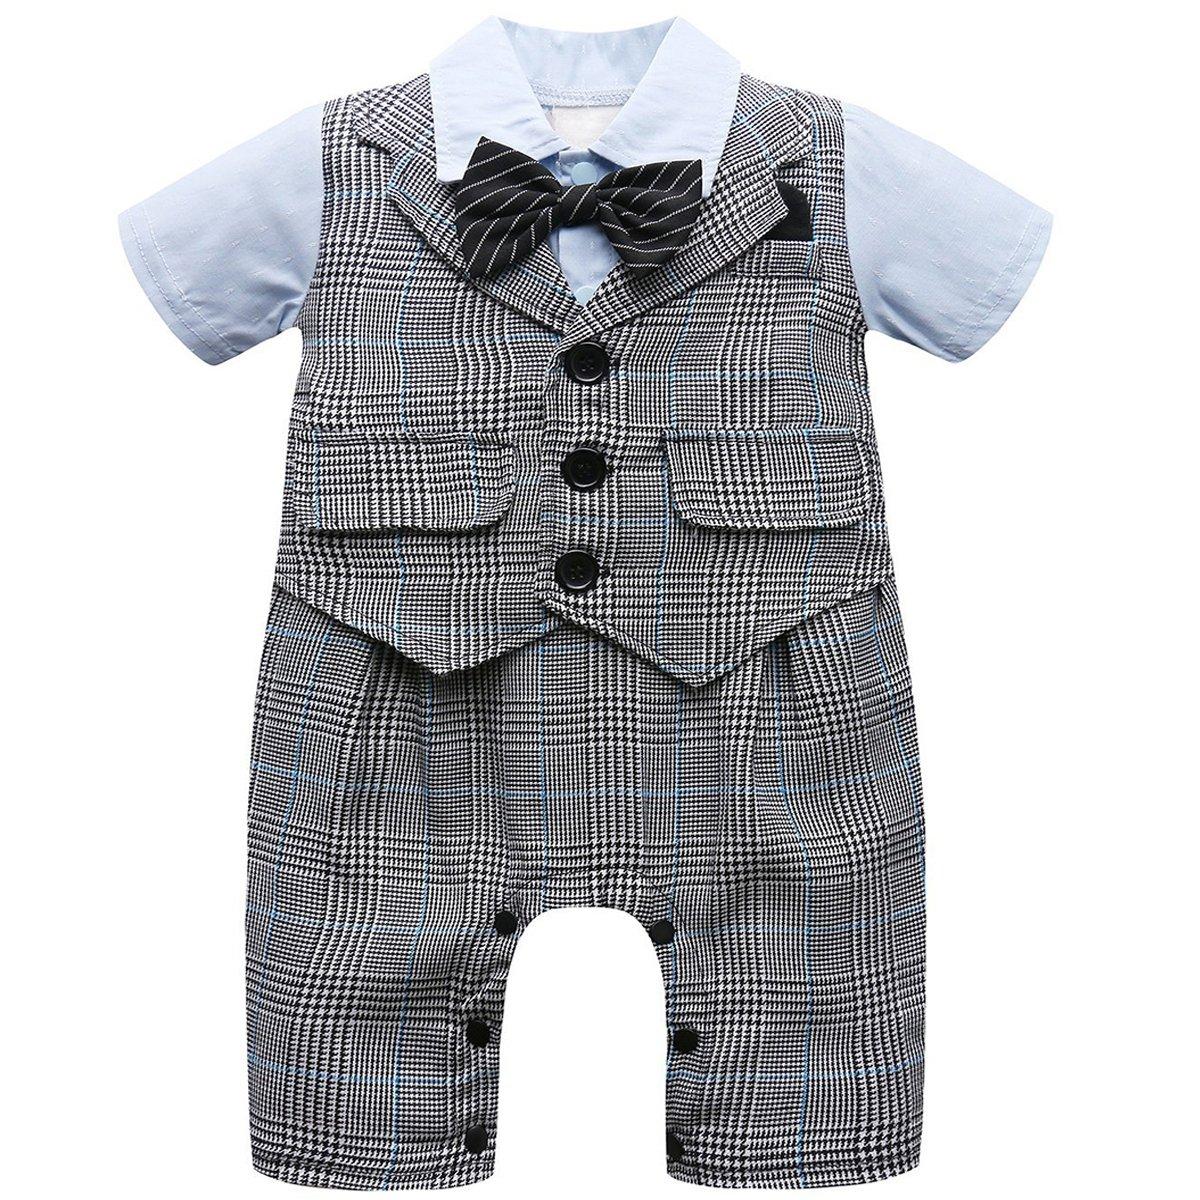 A& J Design Bambino Ragazzi Divertente Gentiluomo Costume Pagliaccetto